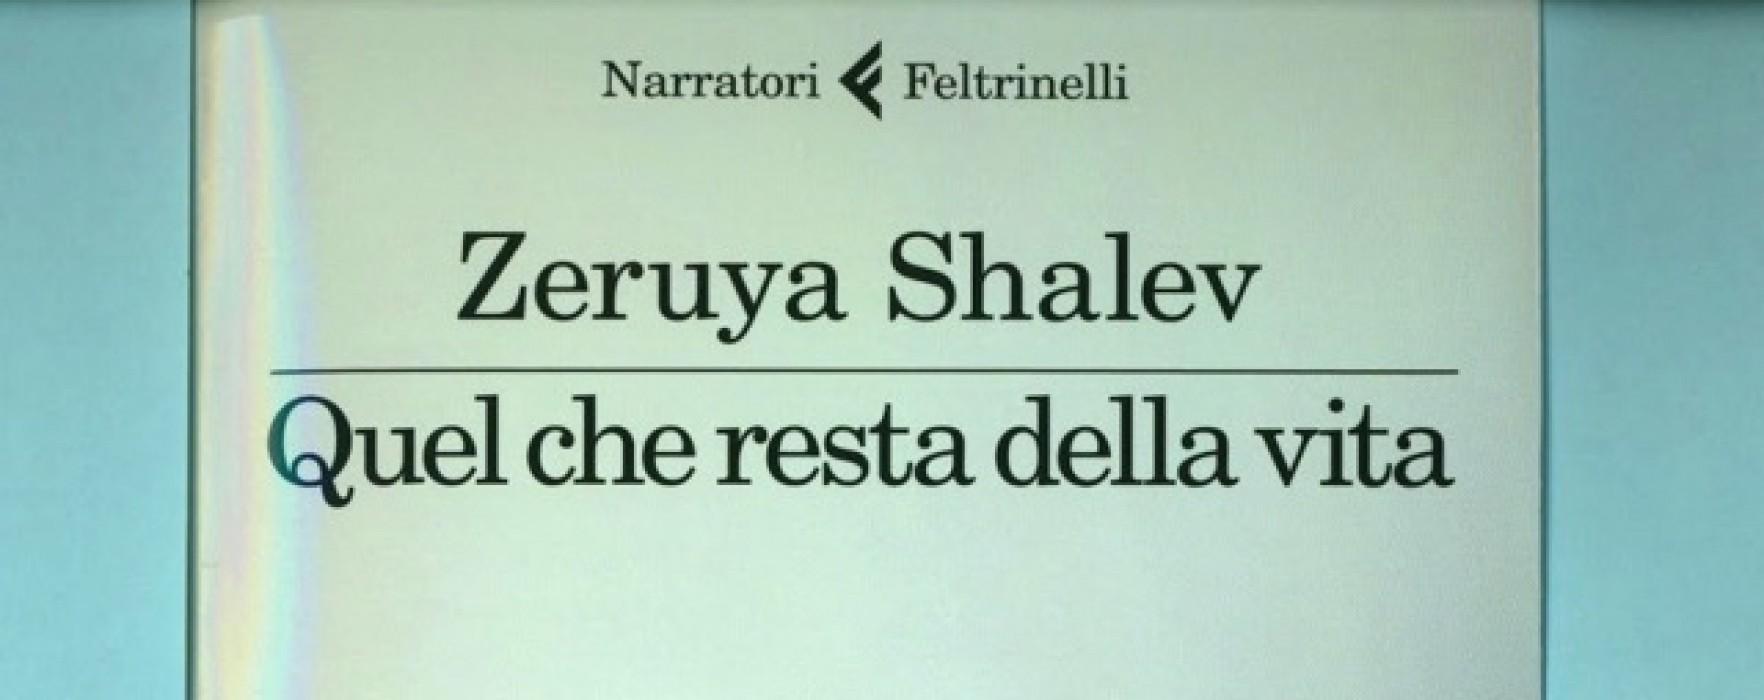 Quel che resta della vita. Zeruya Shalev